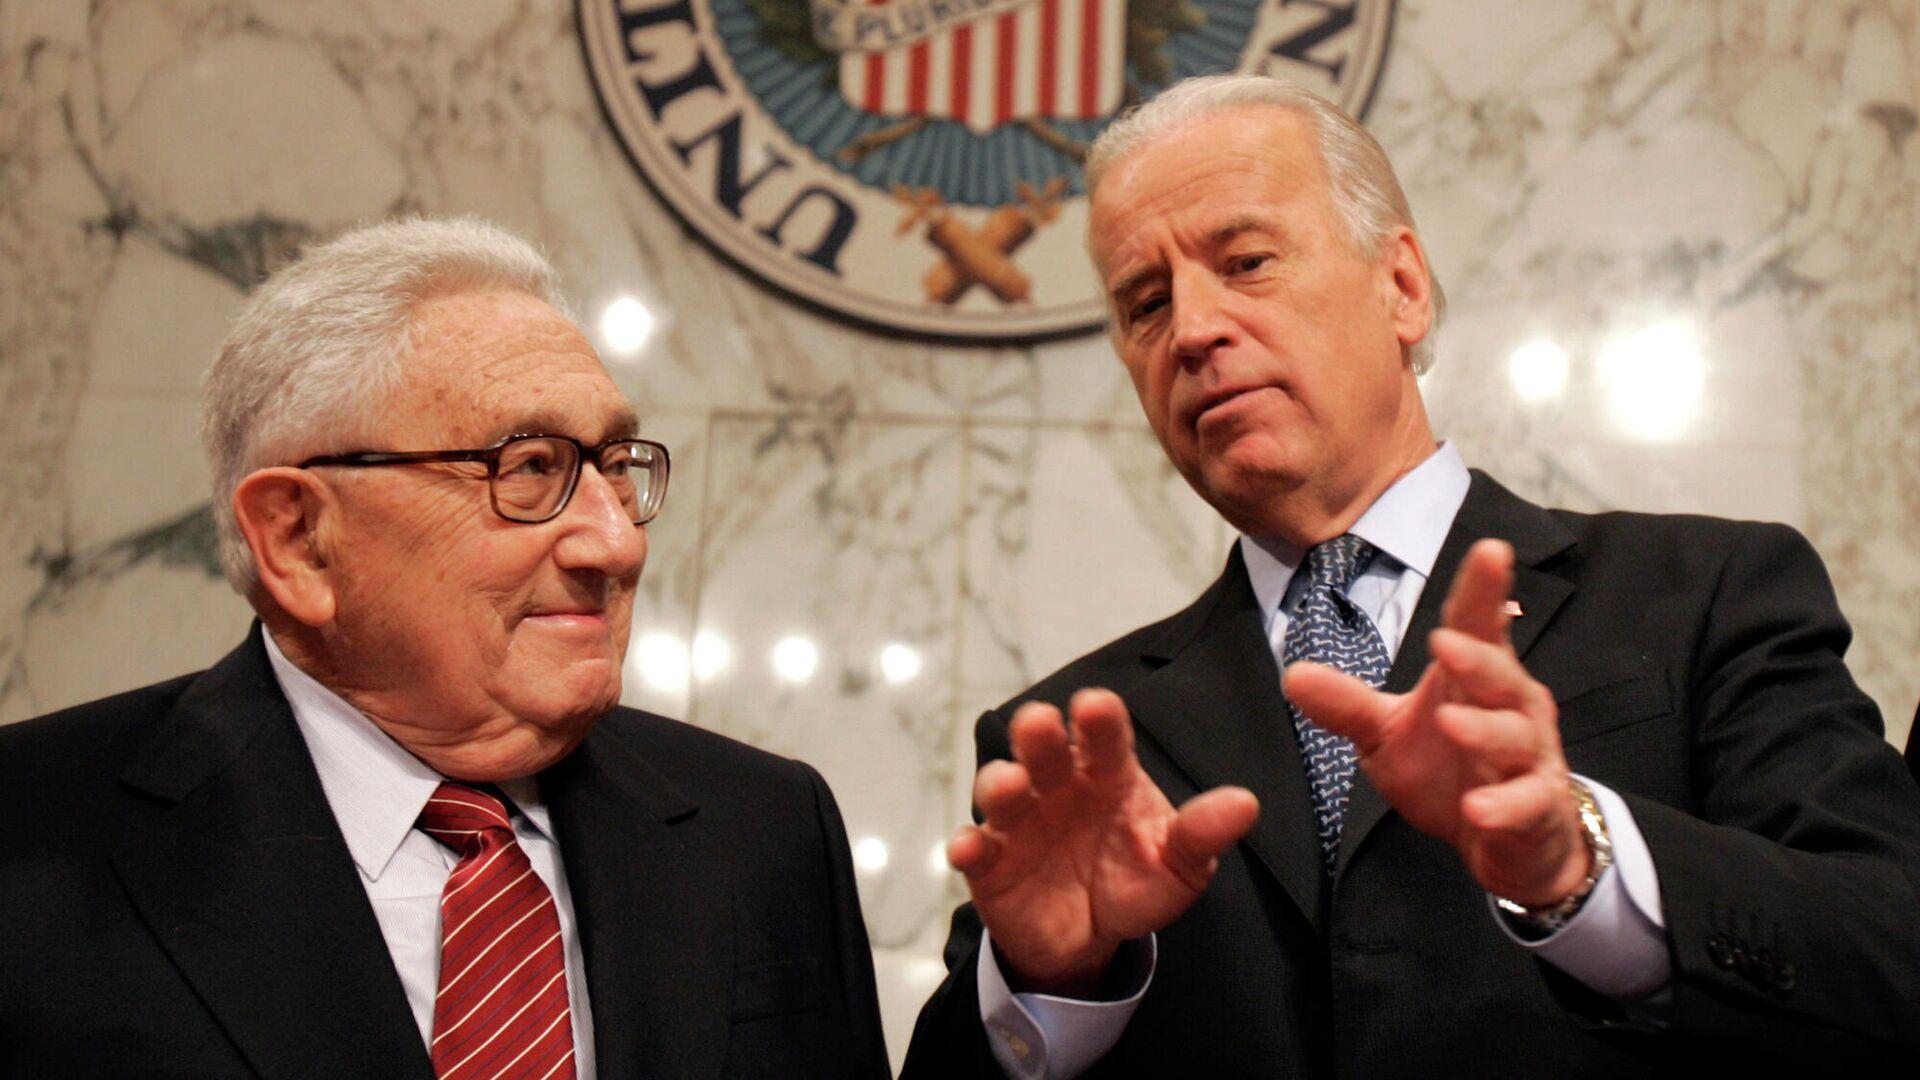 Джо Байден и Генри Киссинджер в Вашингтоне. 2007 год - РИА Новости, 1920, 14.11.2020